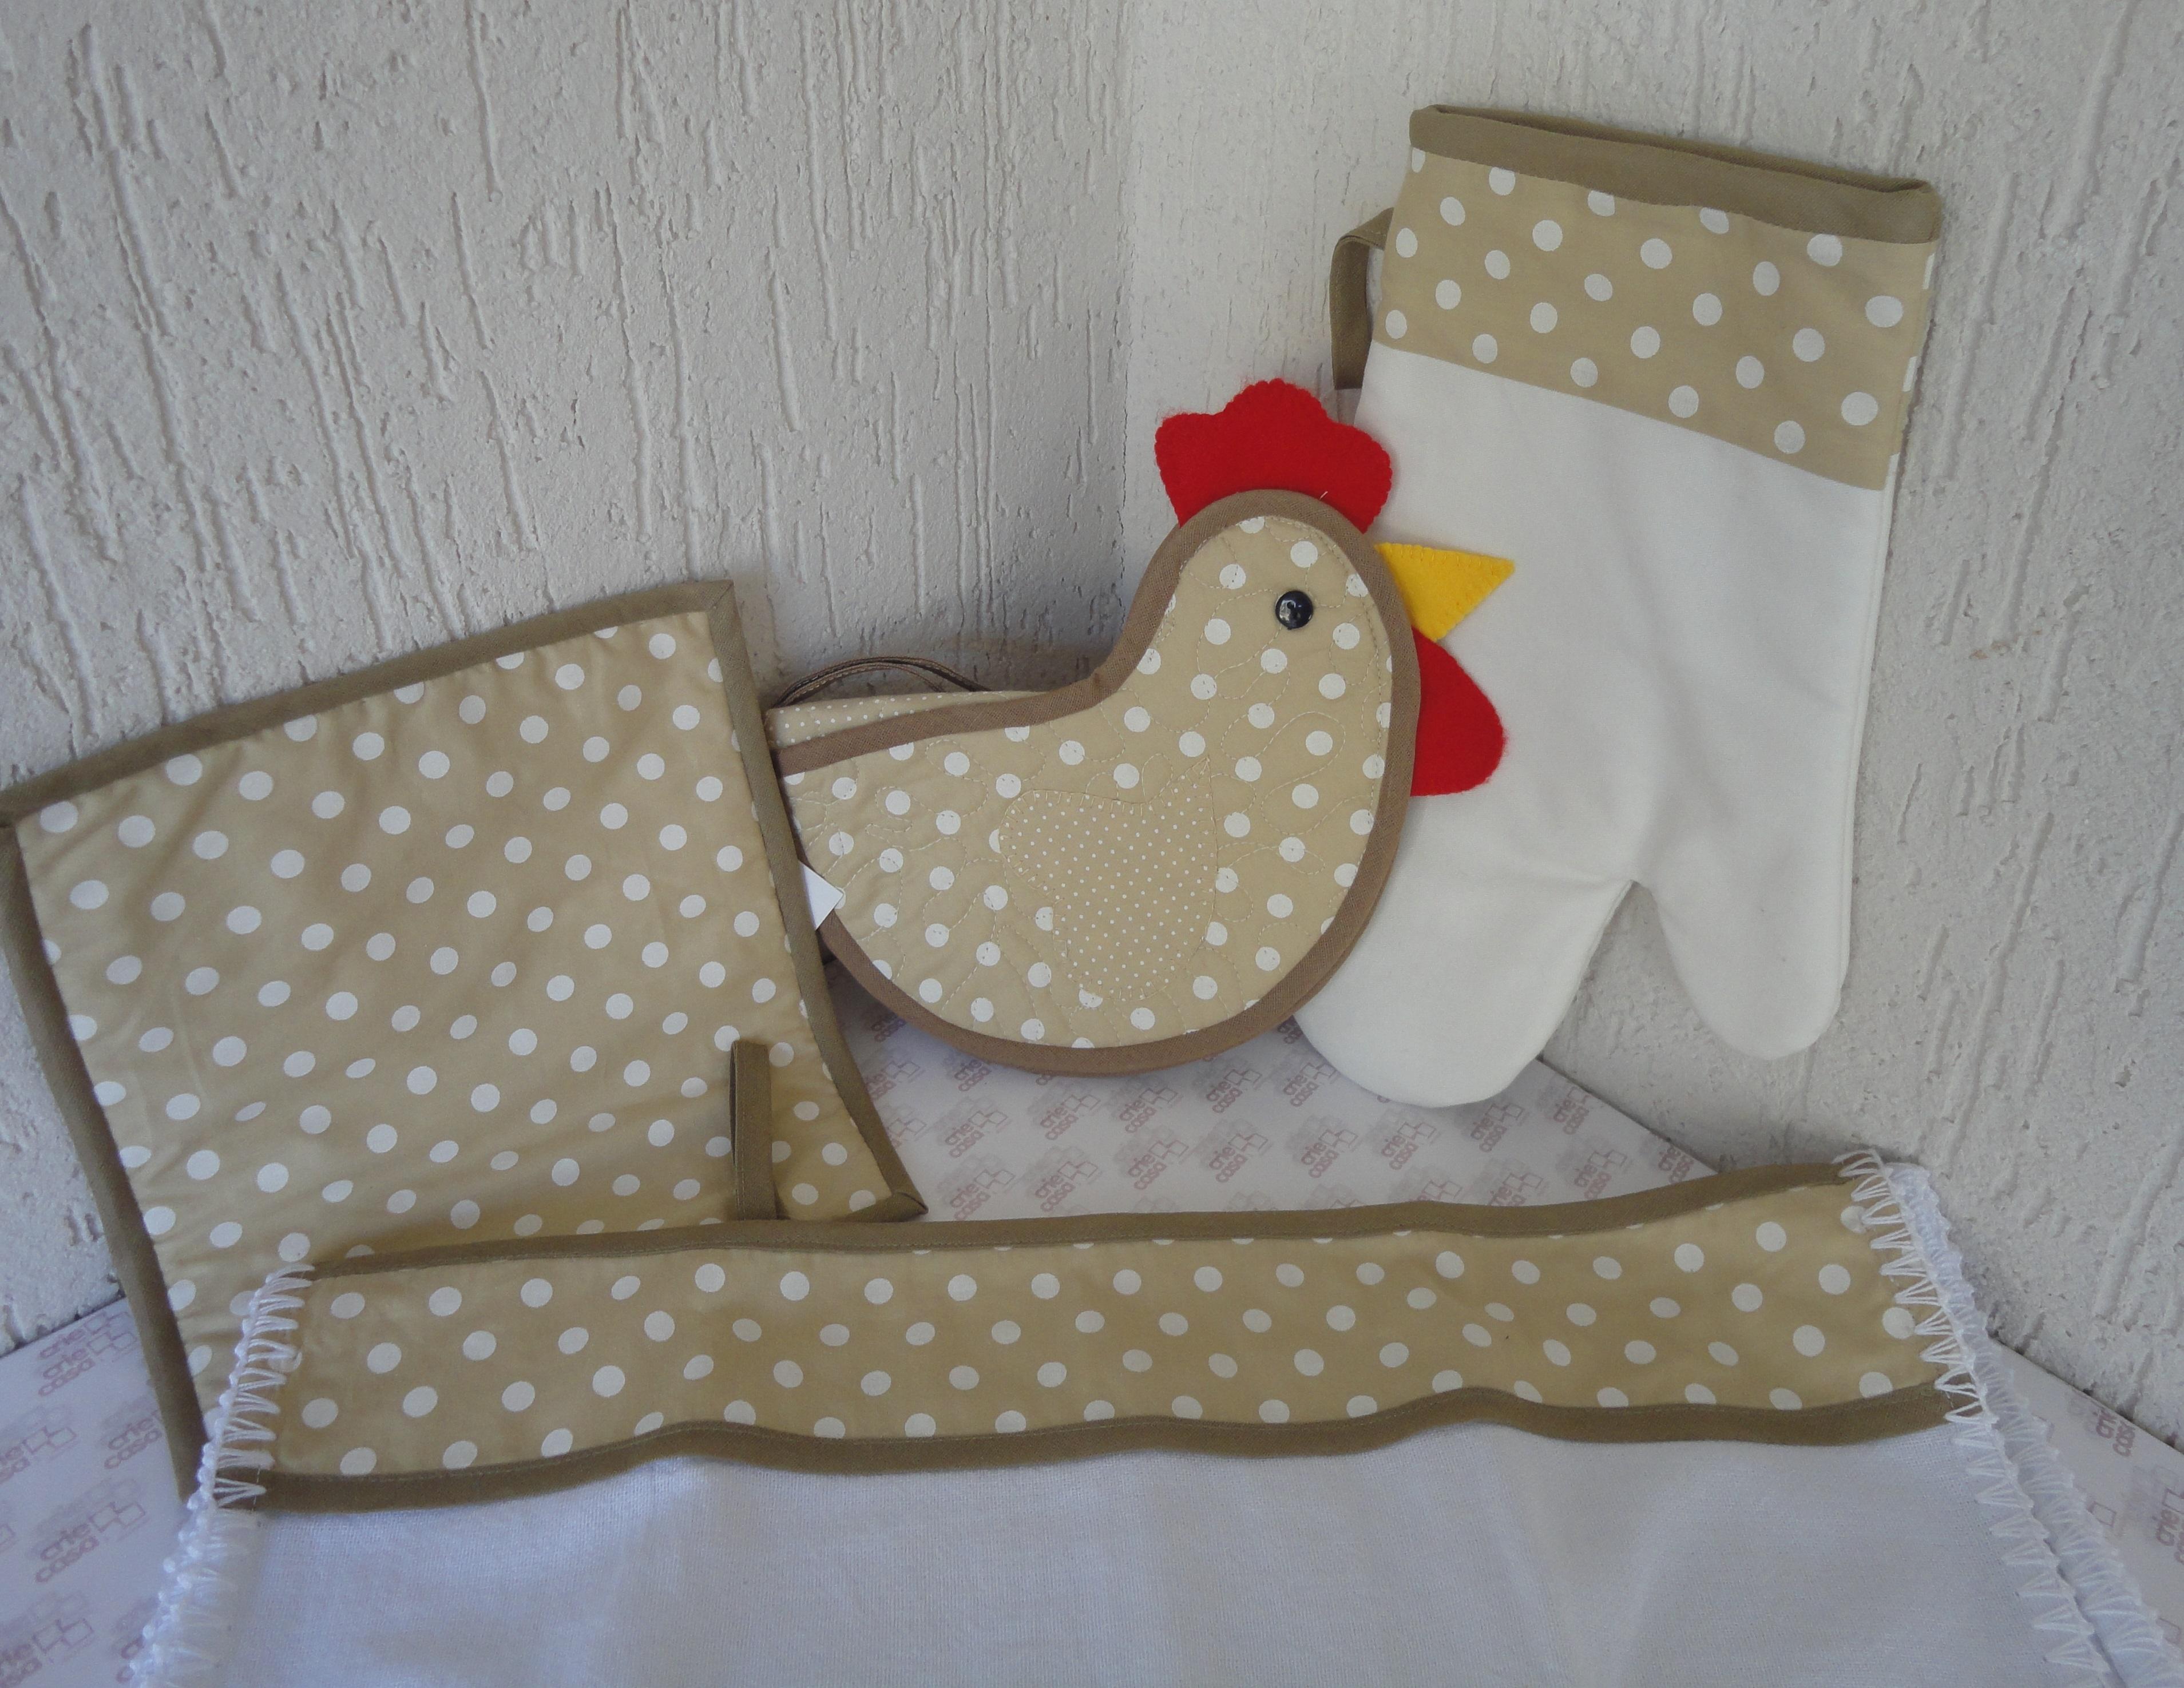 kit decoracao cozinha : kit decoracao cozinha:Kit Cozinha Patchwork Galinha Poá